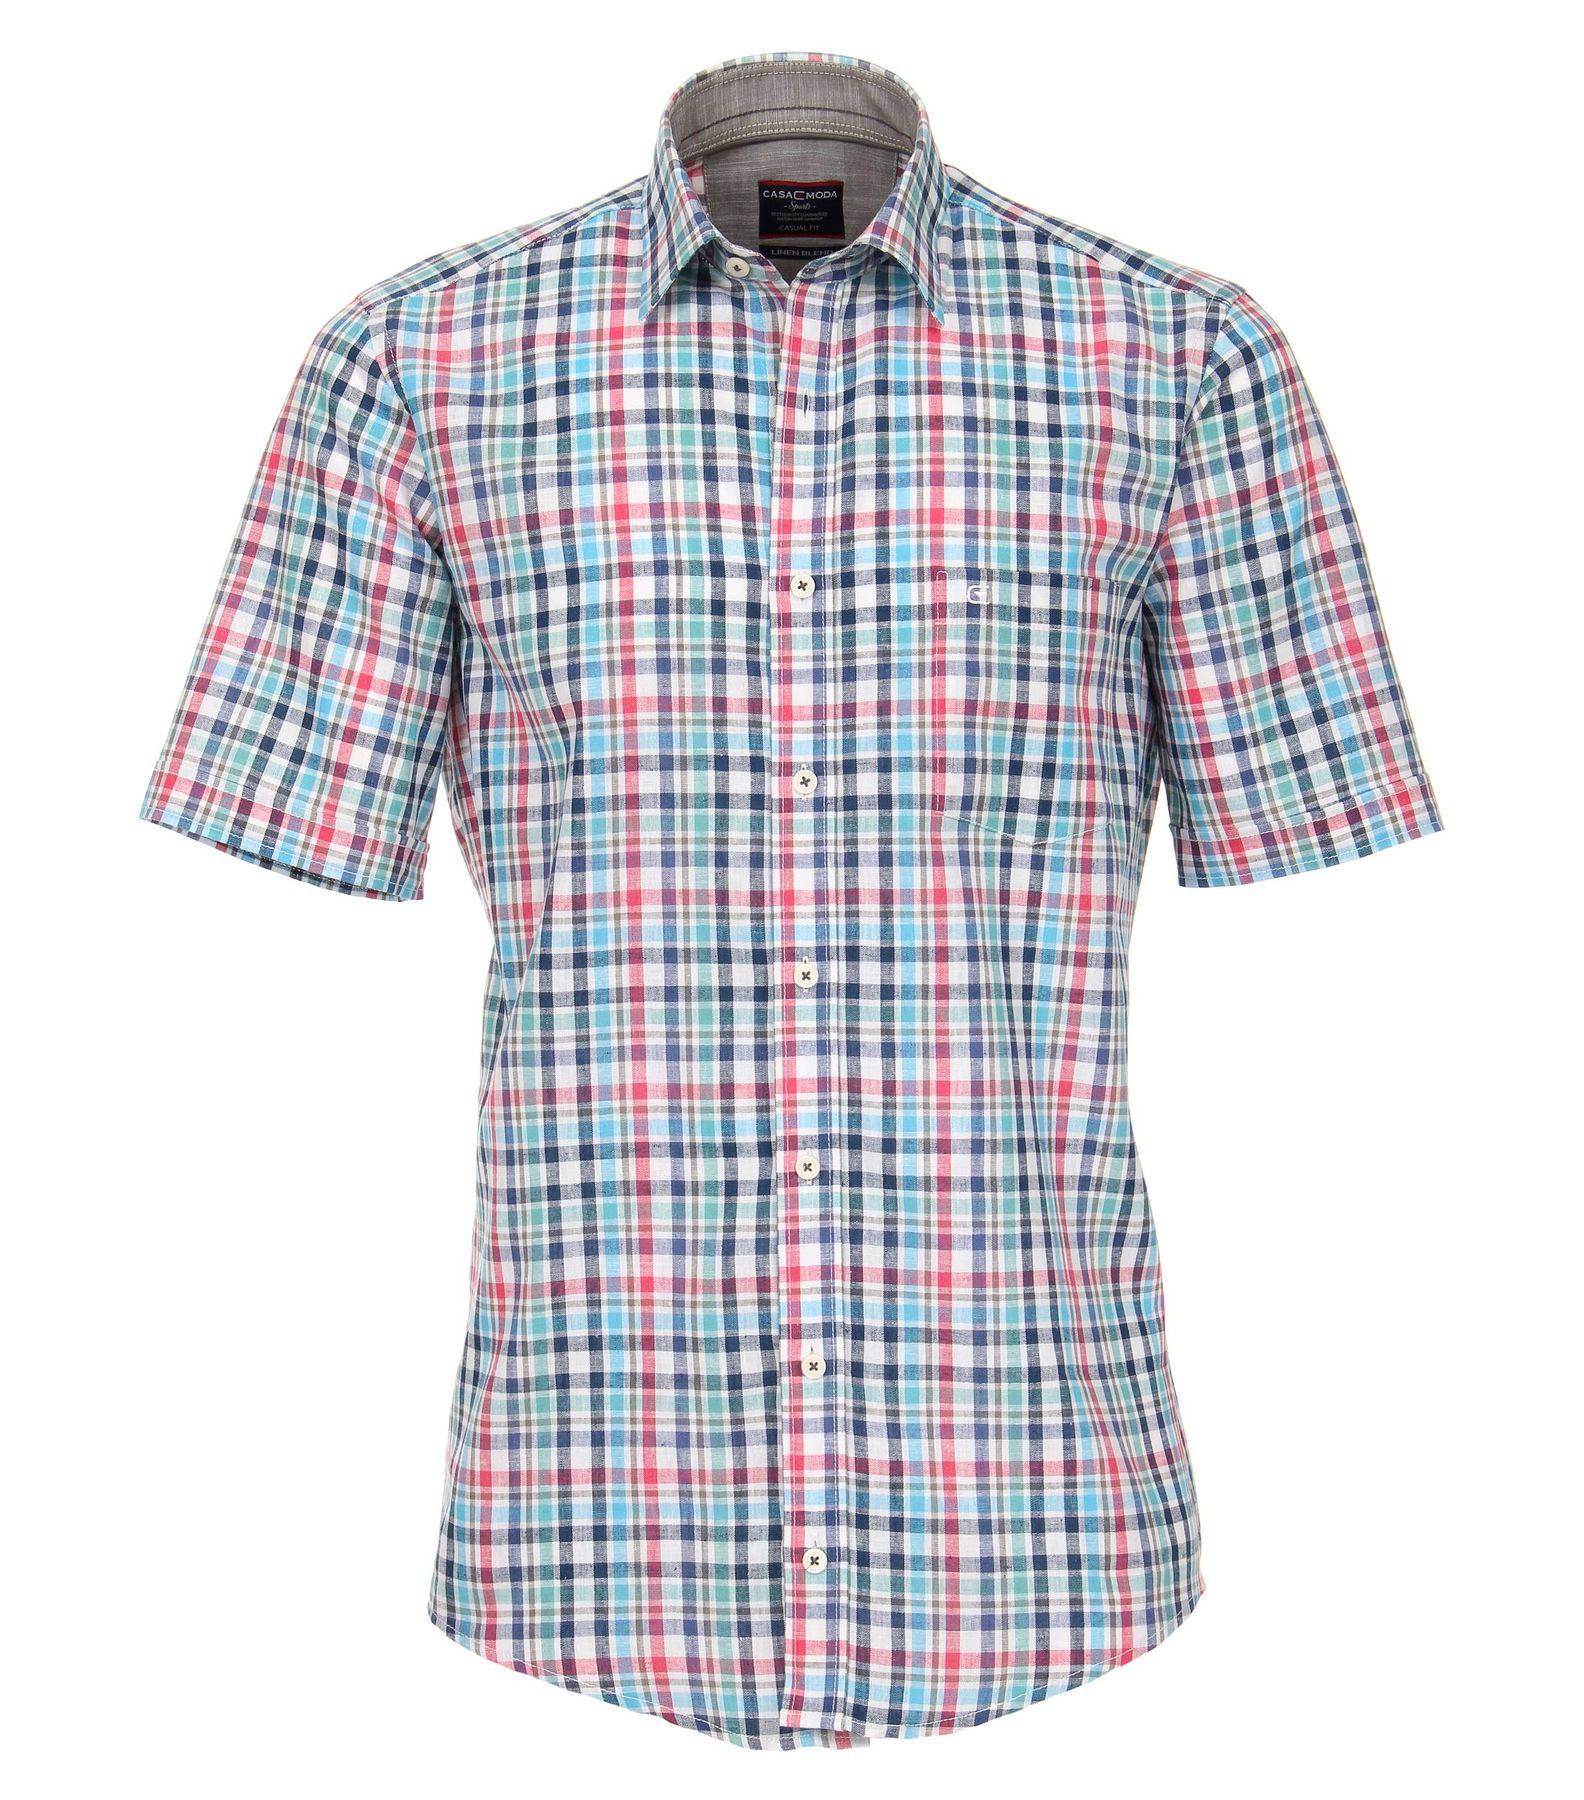 Casa Moda - Casual Fit - Leinenmischung Herren Hemd Halbarm kariert mit Kent-Kragen in grün oder rot (982908200) – Bild 2